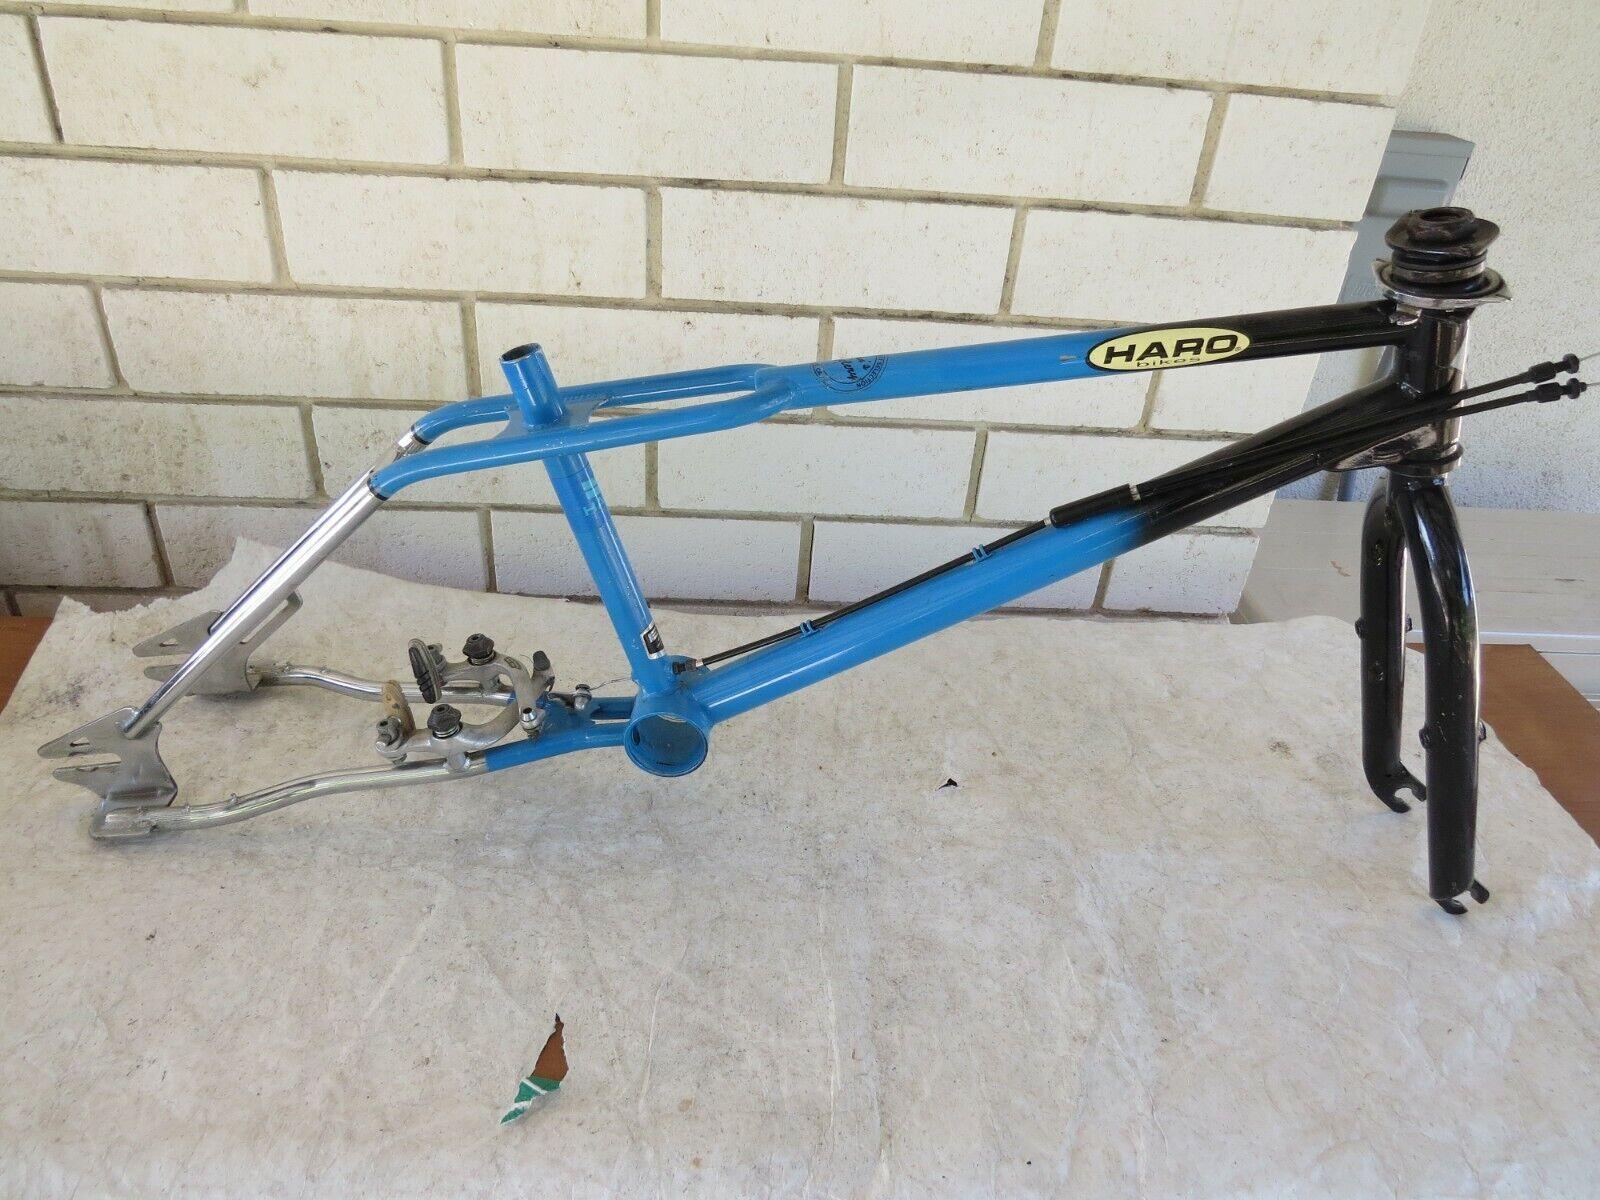 1987 HARO  FREESTYLER SPORT BMX VINTAGE  FRAME FORK FREESTYLE